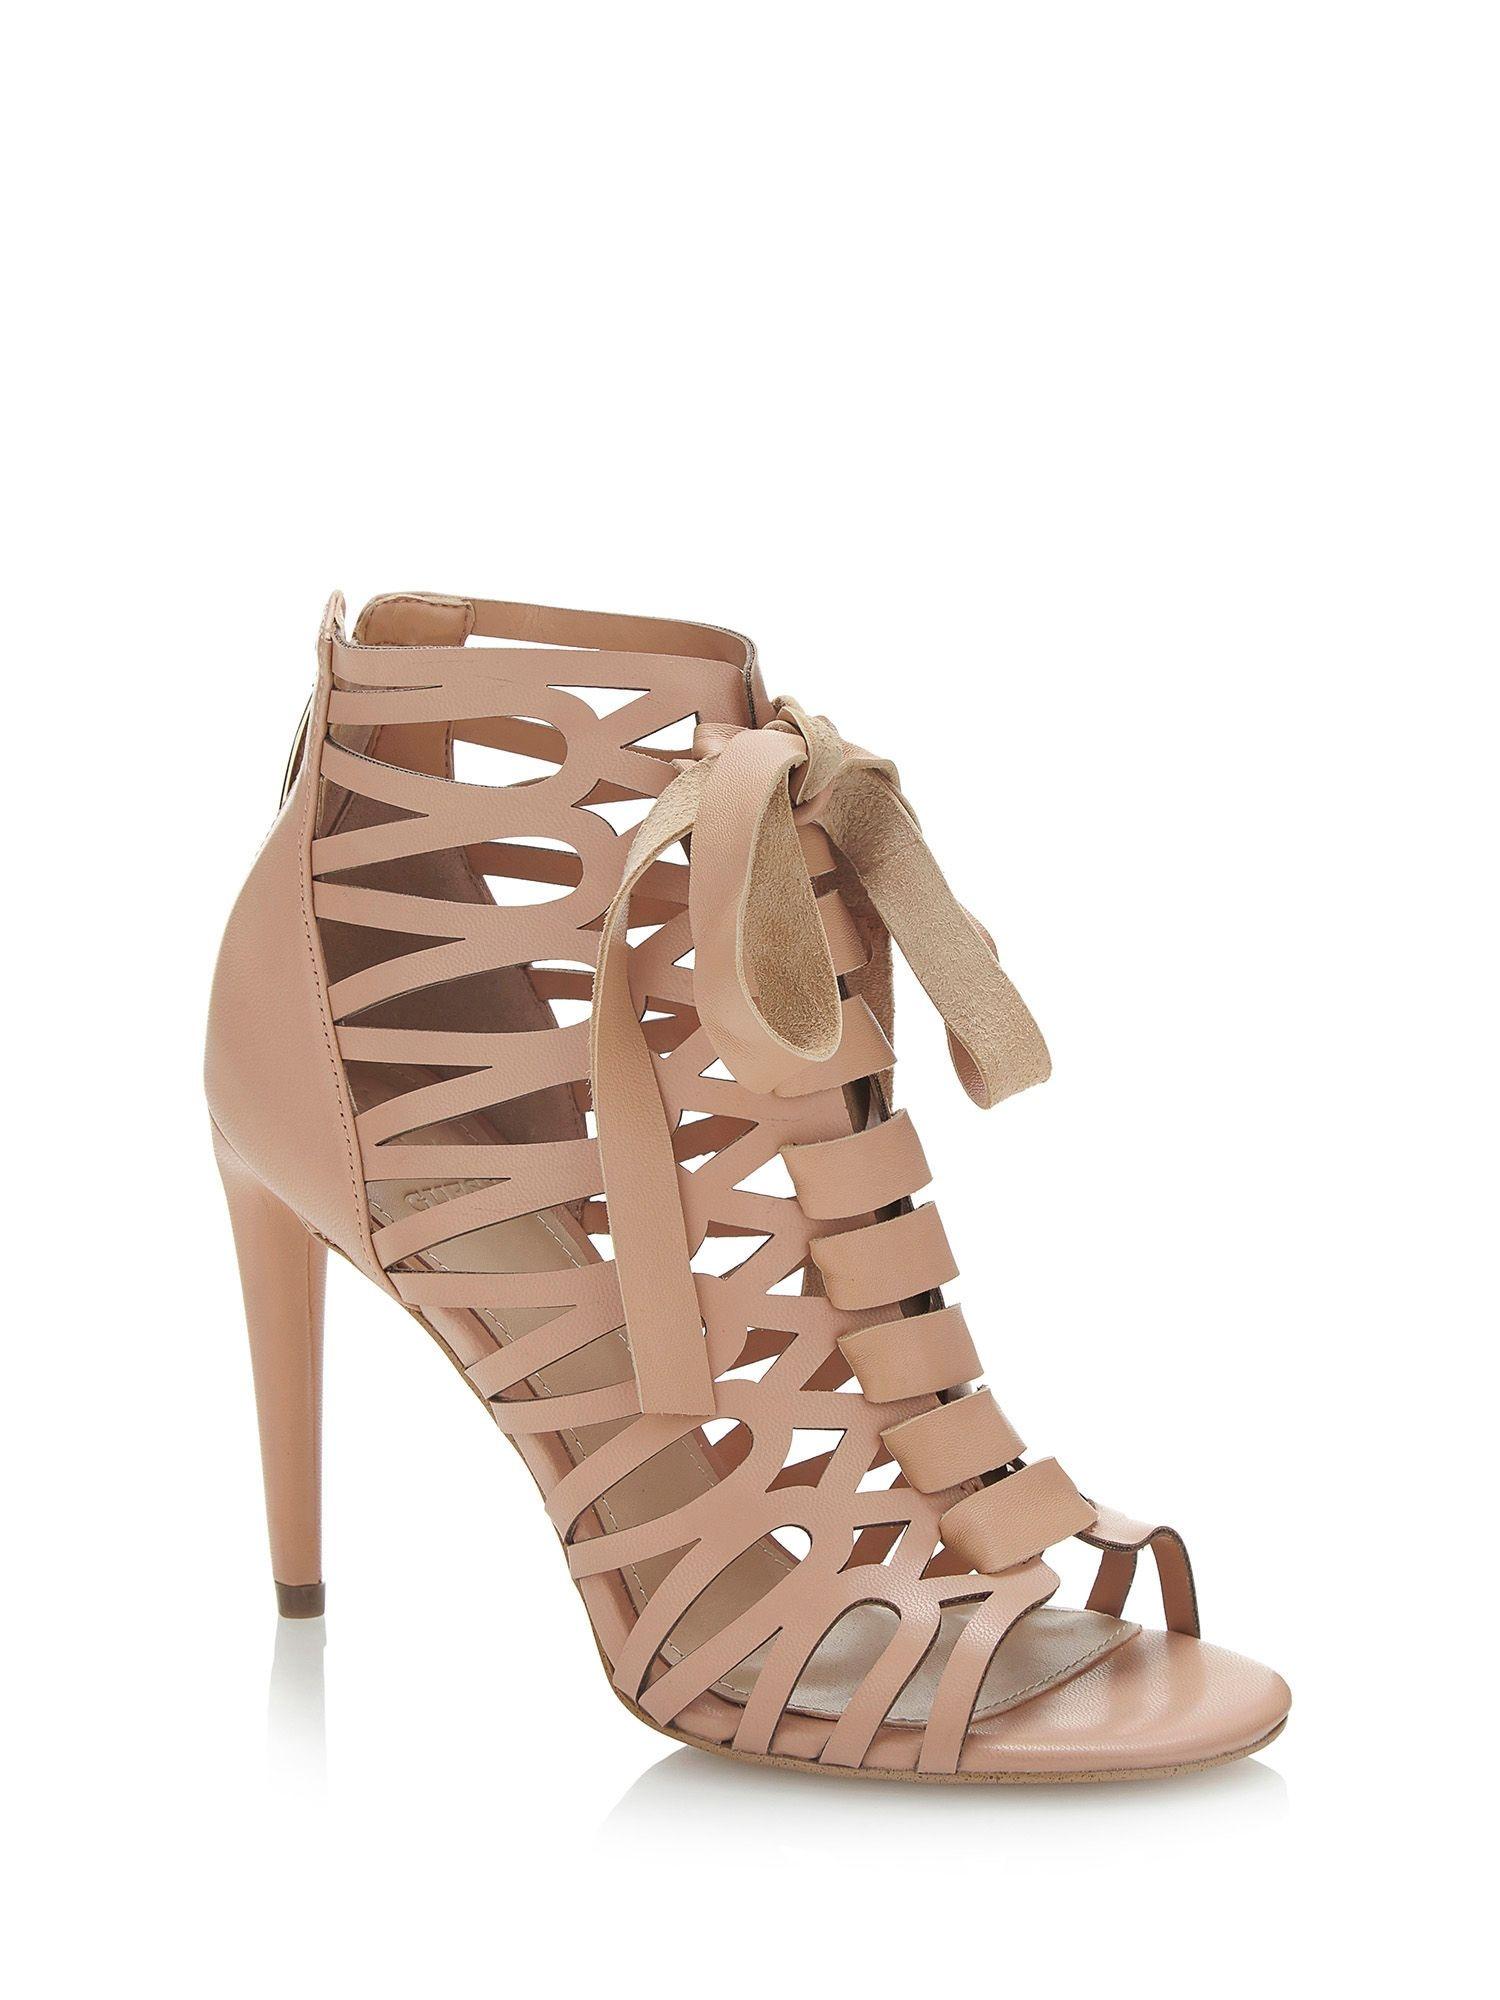 Guess Sandalette Sandalette Sandalette bequem | imwalking.de 3be4f6